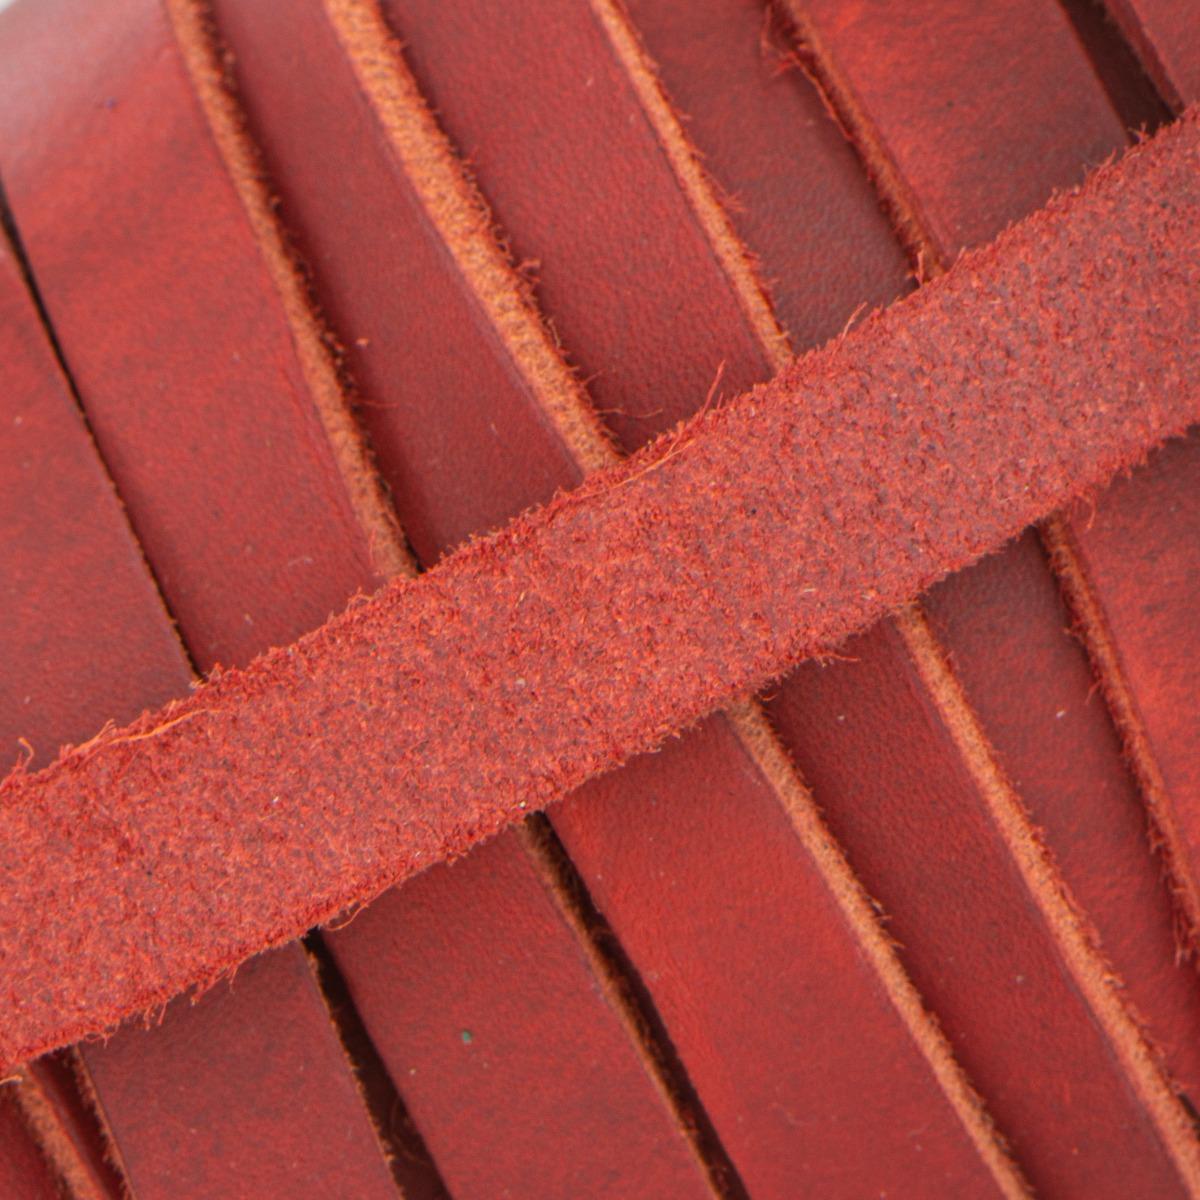 Lanière en cuir graissé (cuir Pull-Up) de 15 mm